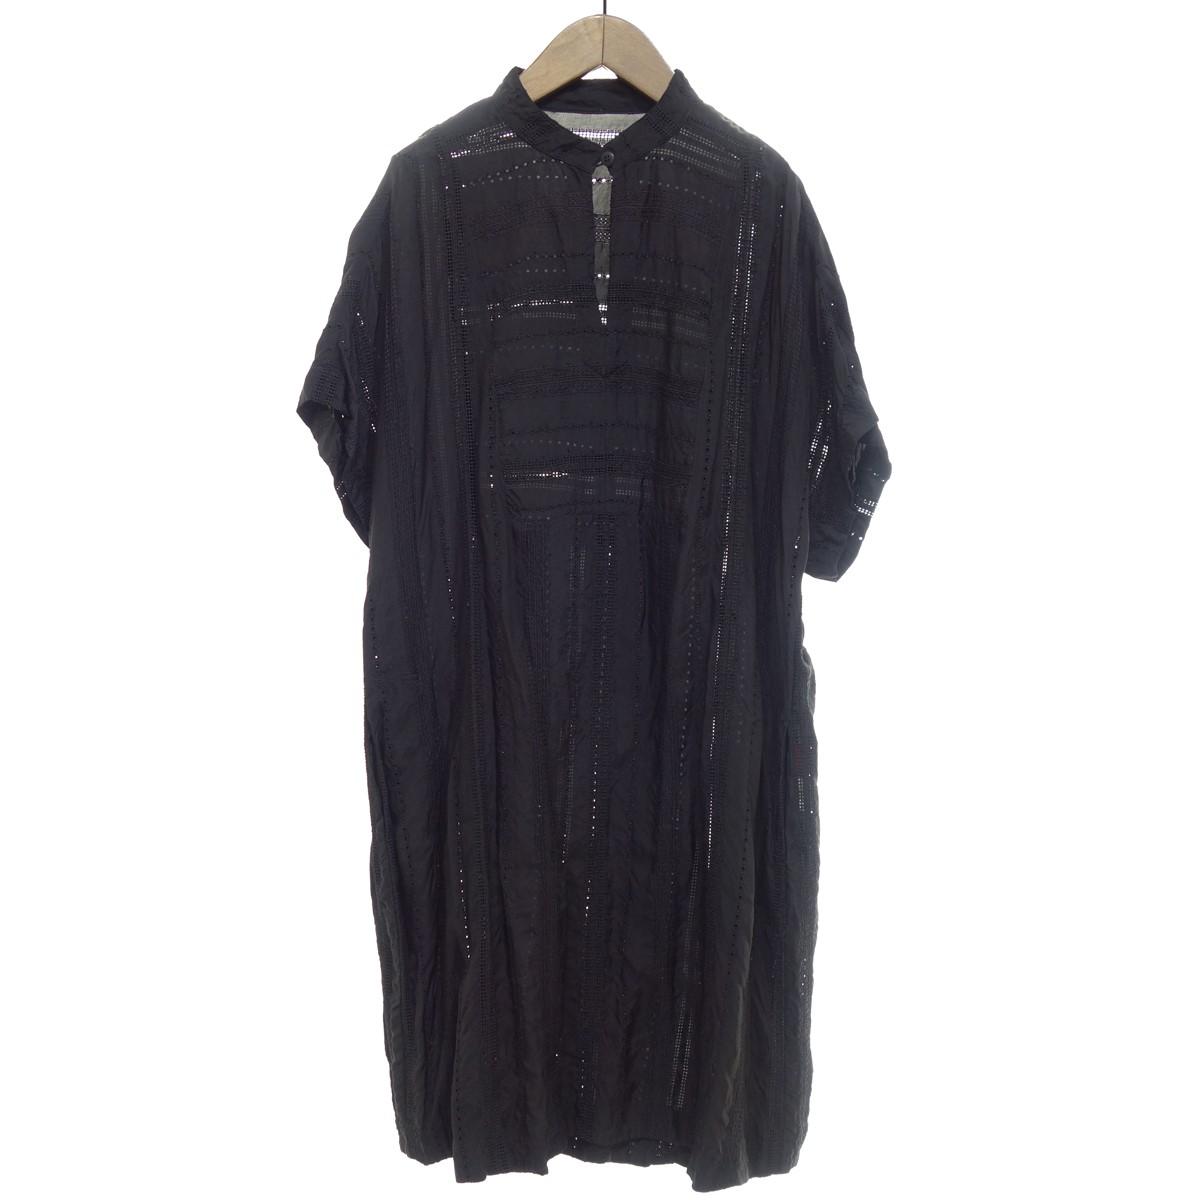 【中古】HaaT 【2017S/S】 刺繍デザイン半袖ワンピース ブラック サイズ:2 【240420】(ハート)